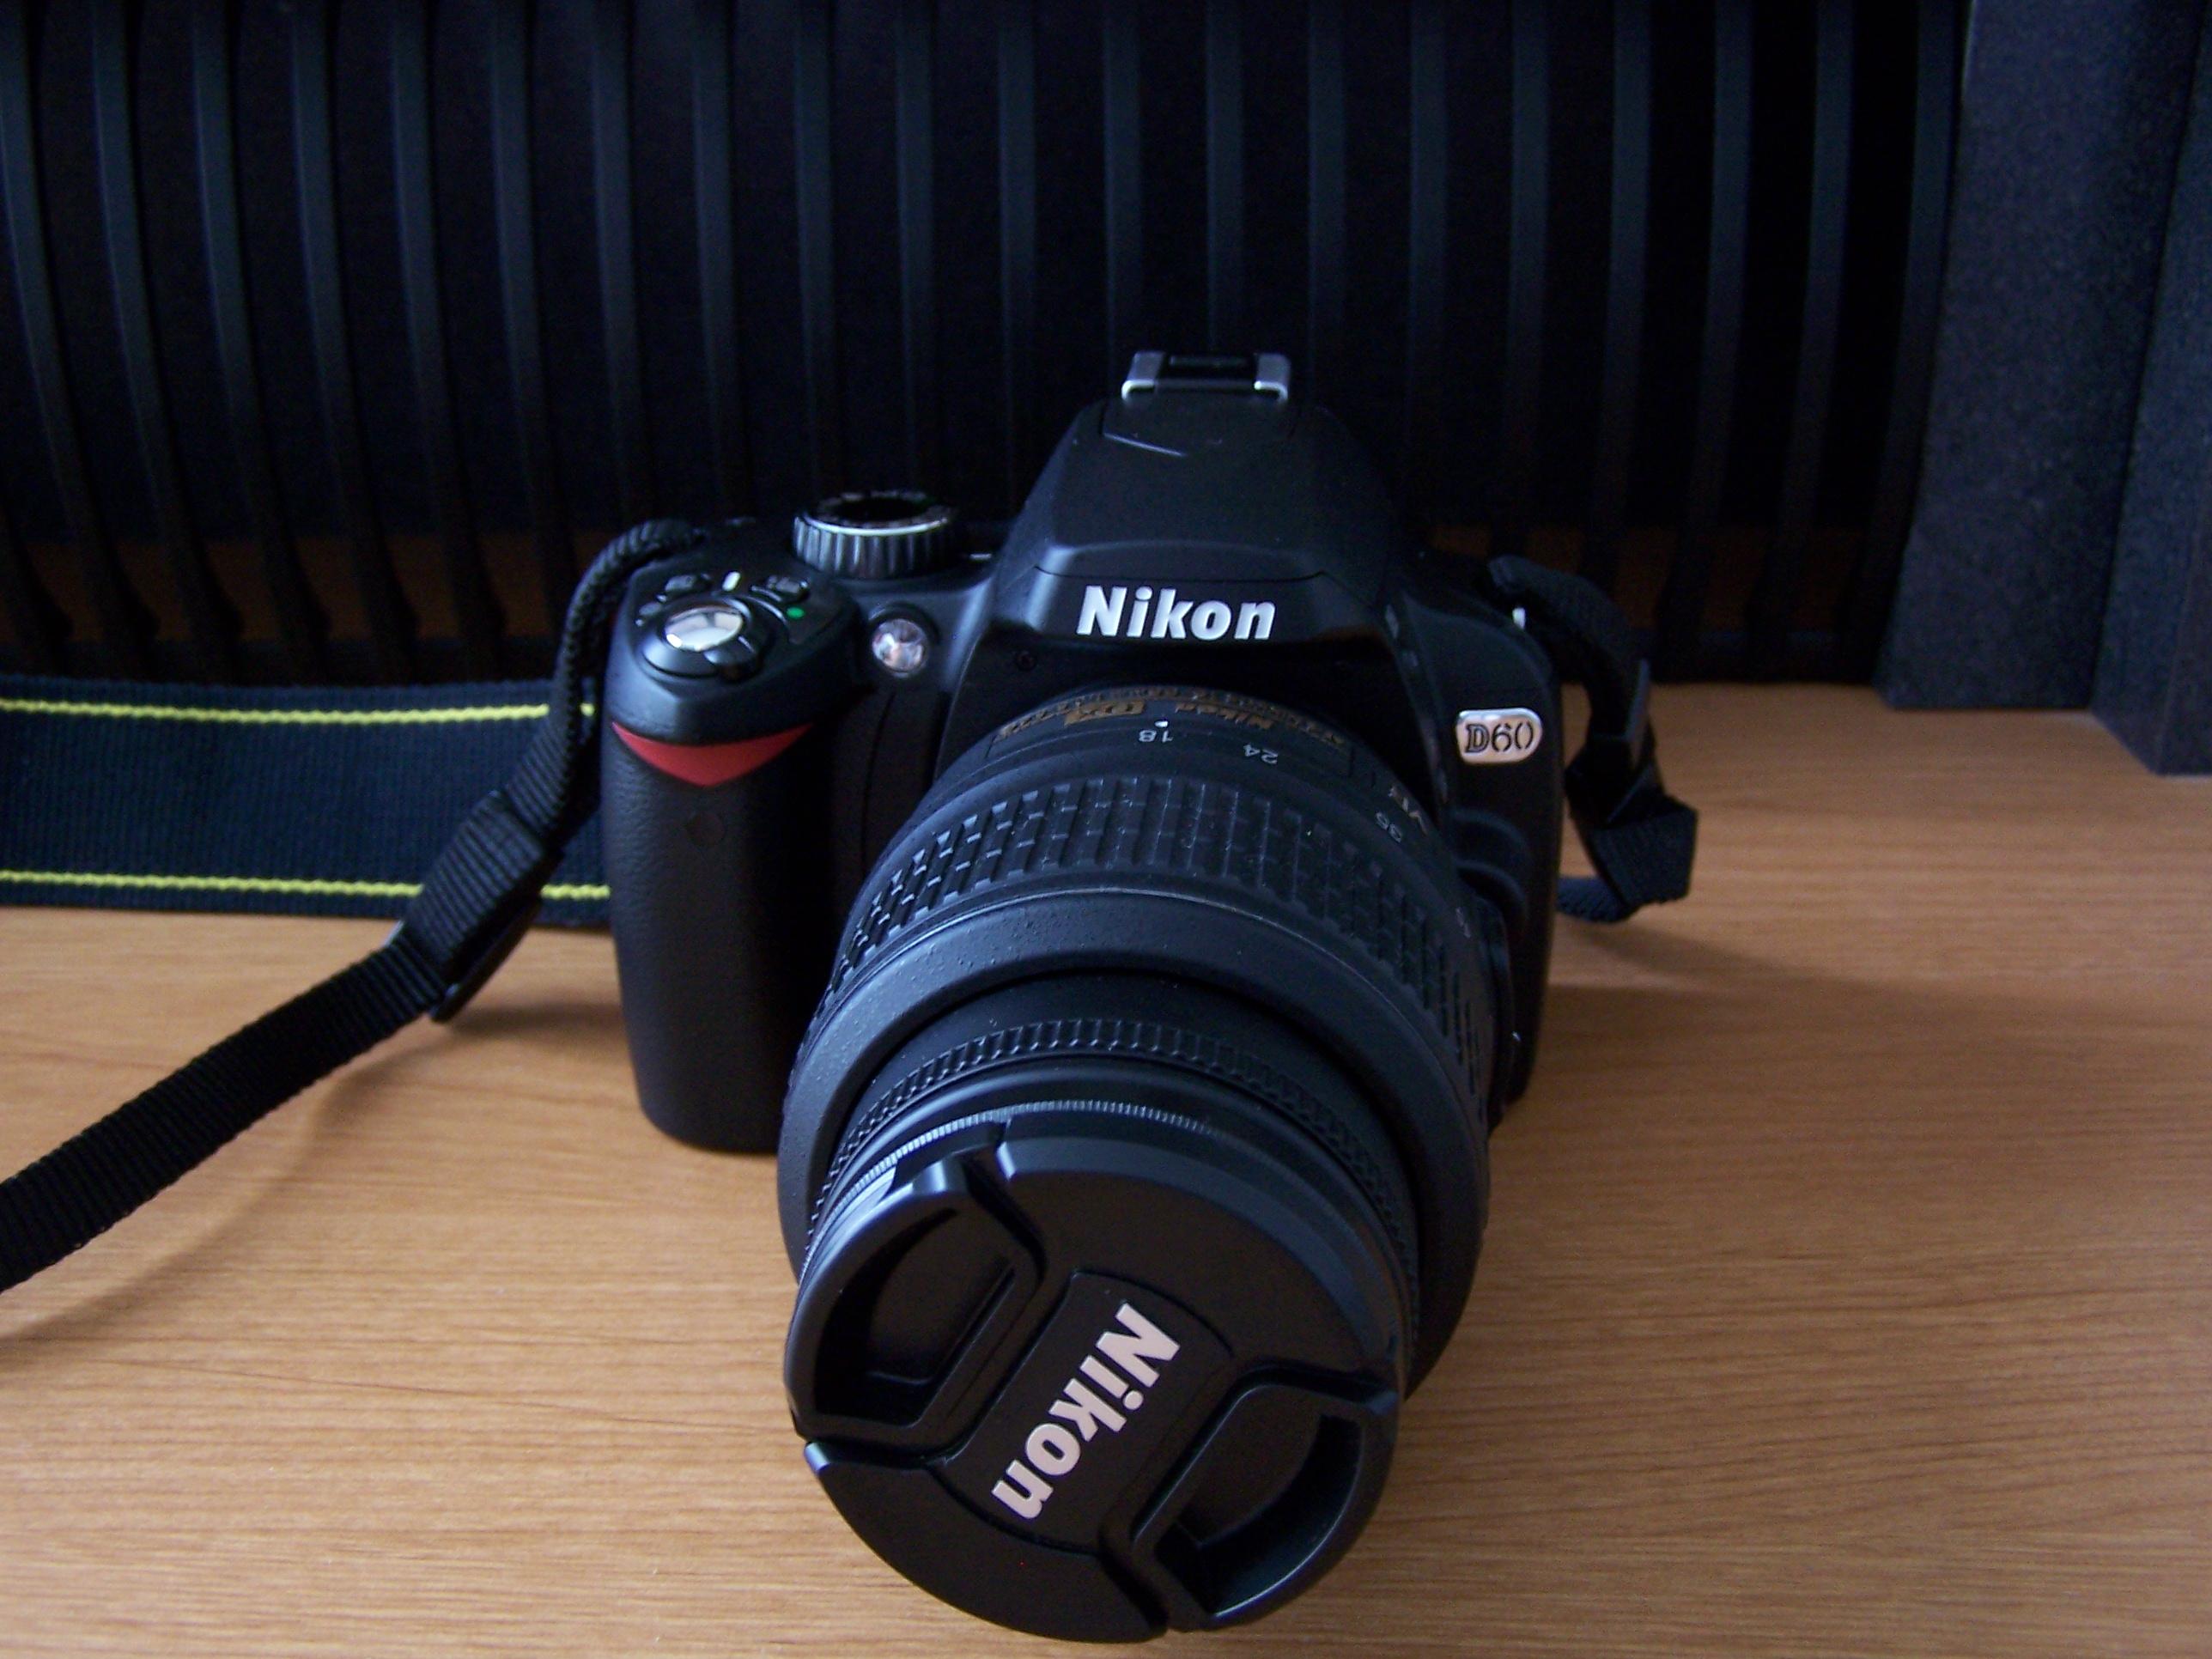 Nikon D60 có thiết kế gọn gàng và tiện dụng nhất cho người dùng